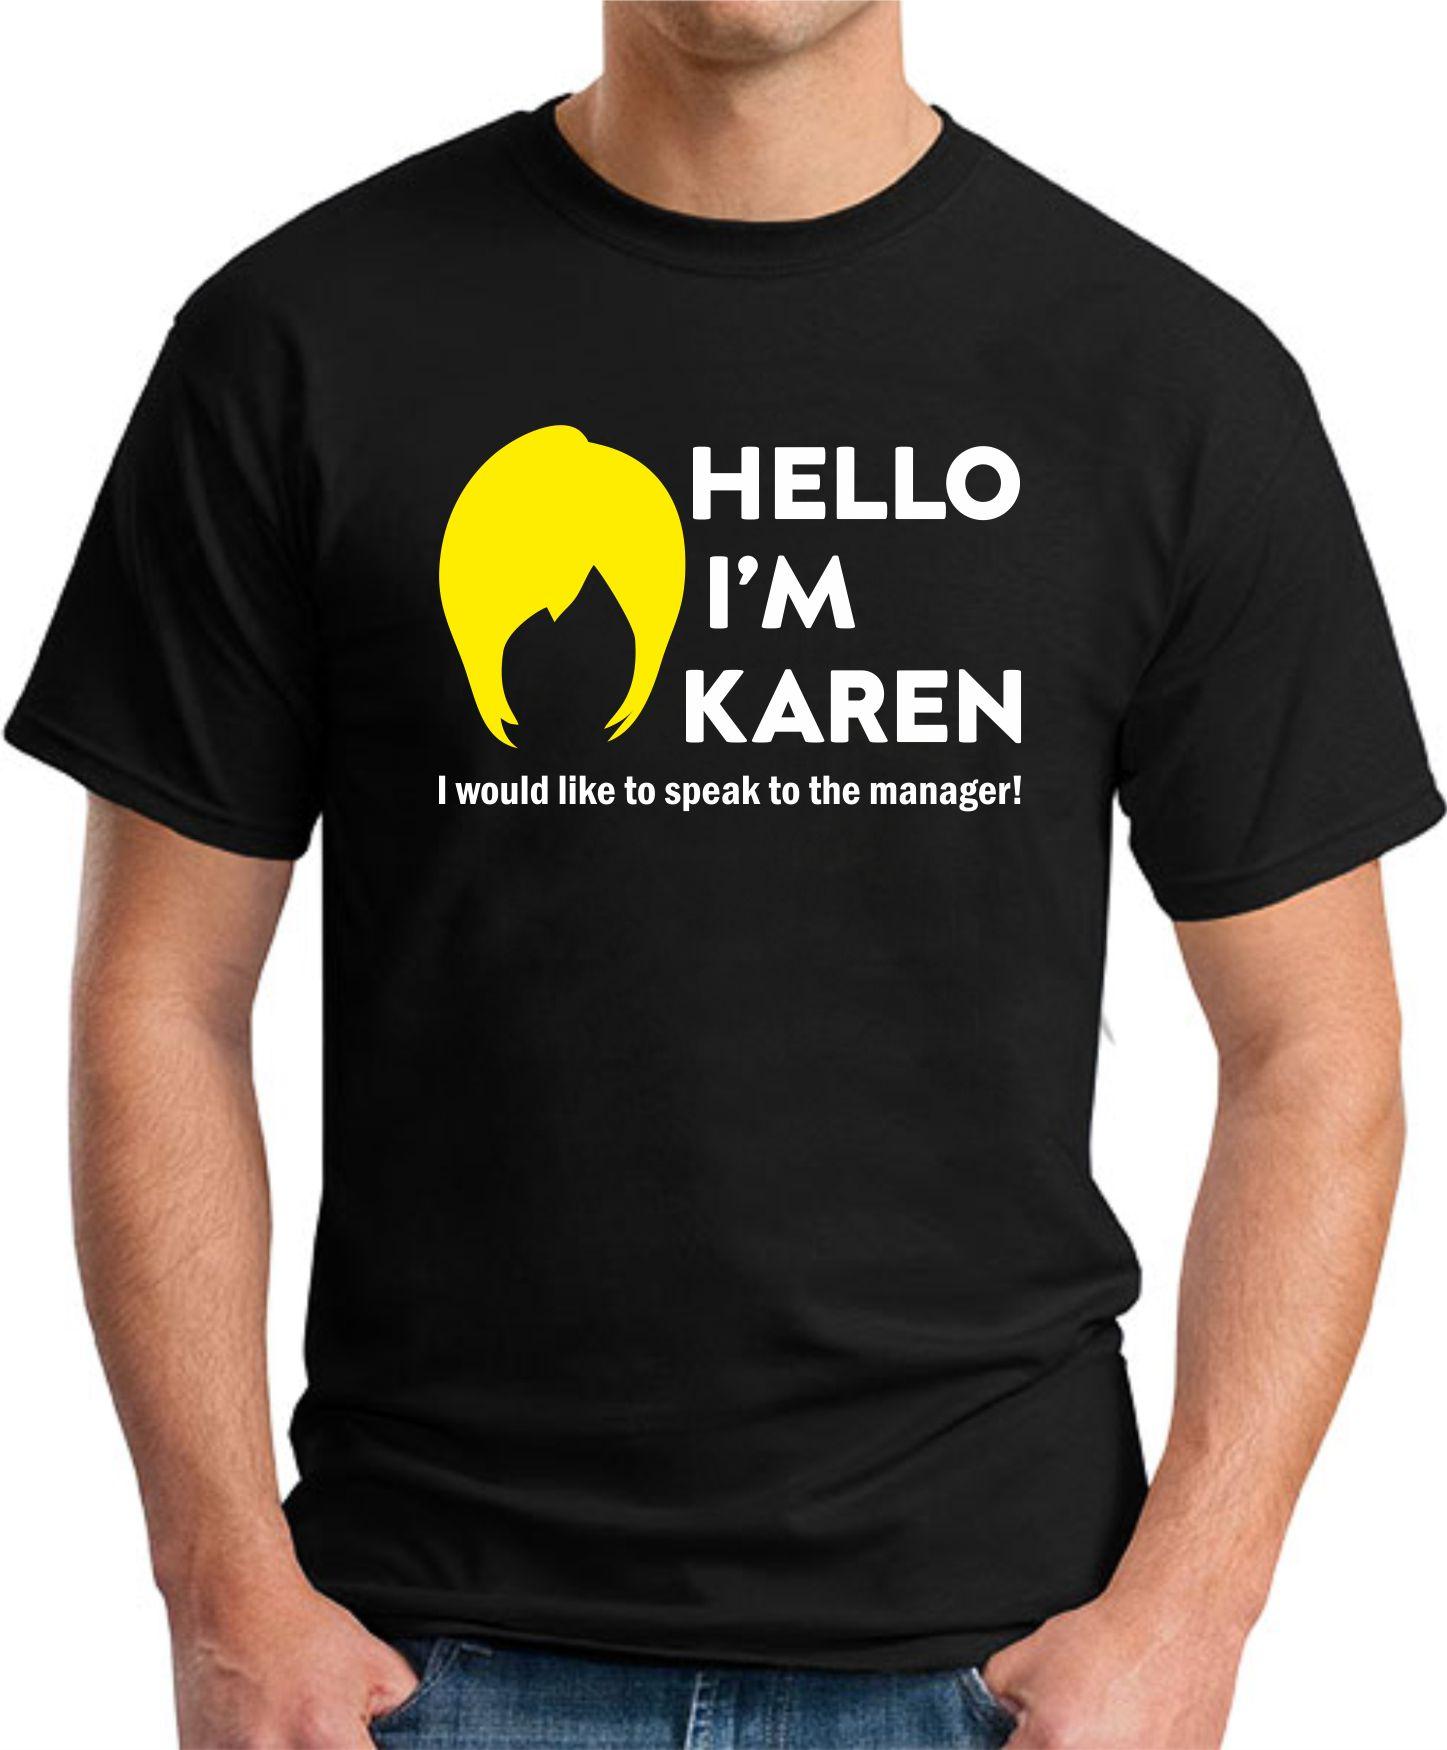 HELLO I'M KAREN black